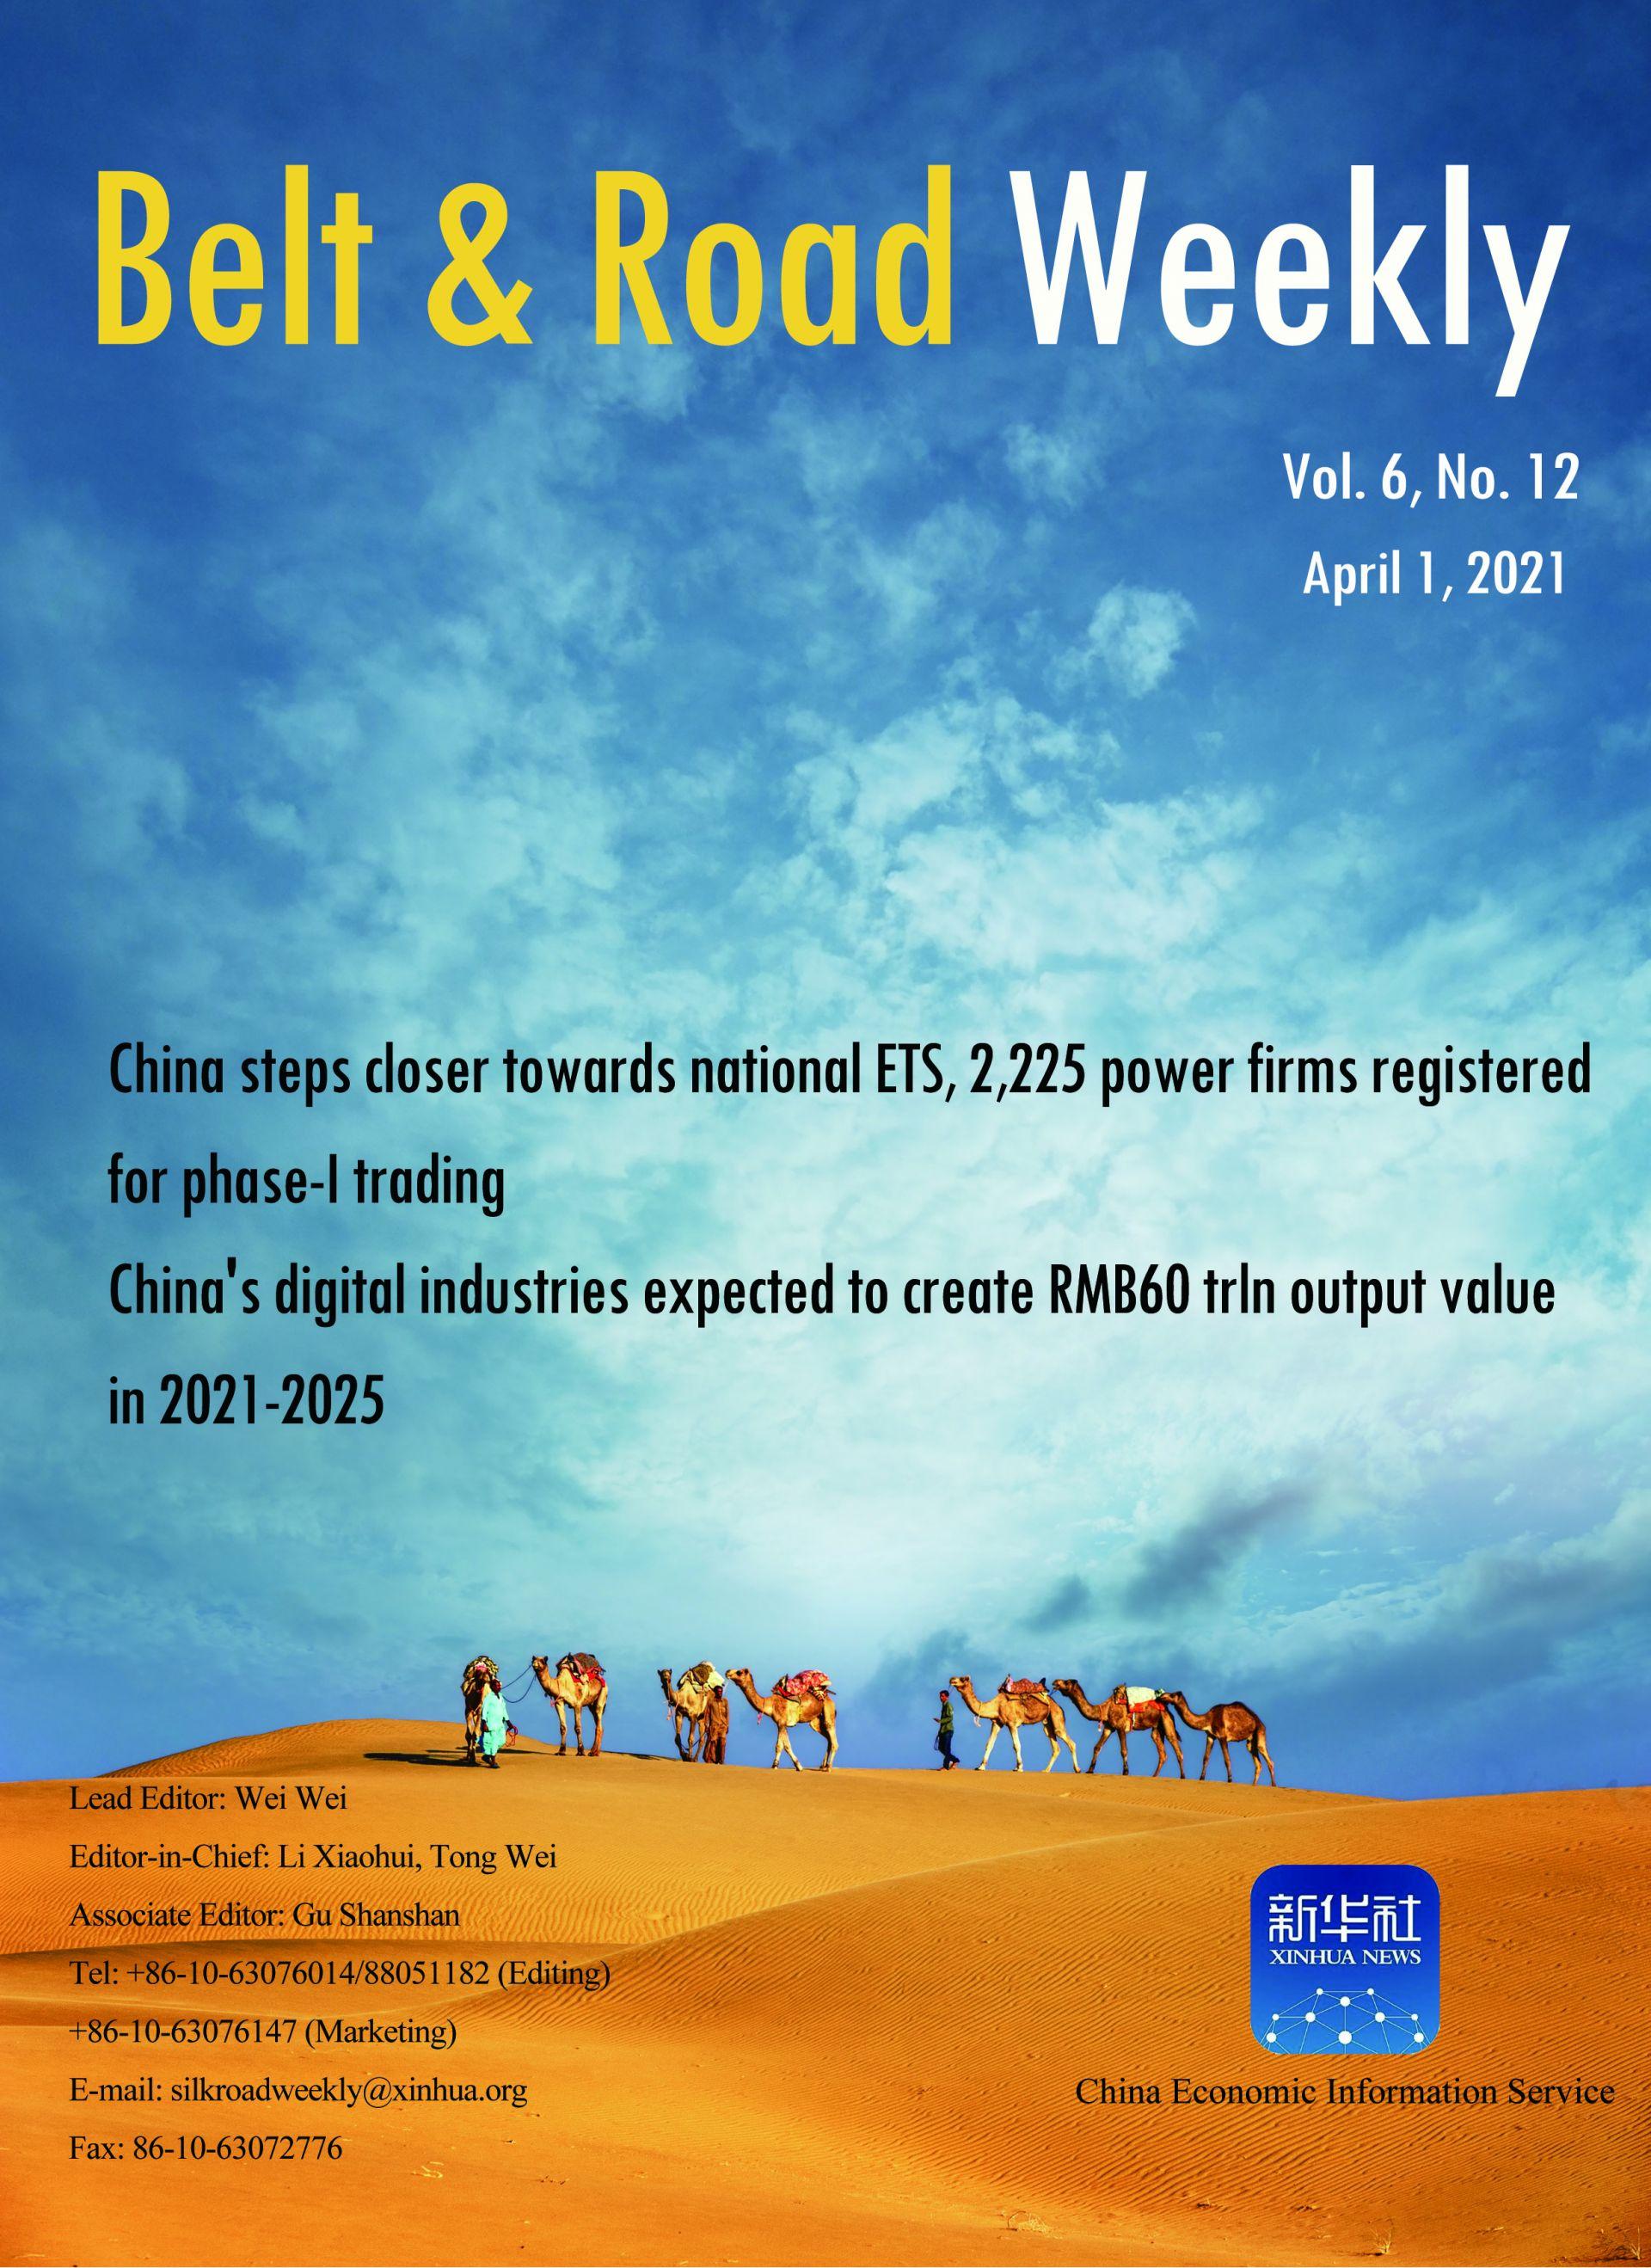 Belt & Road Weekly Vol. 6 No.12